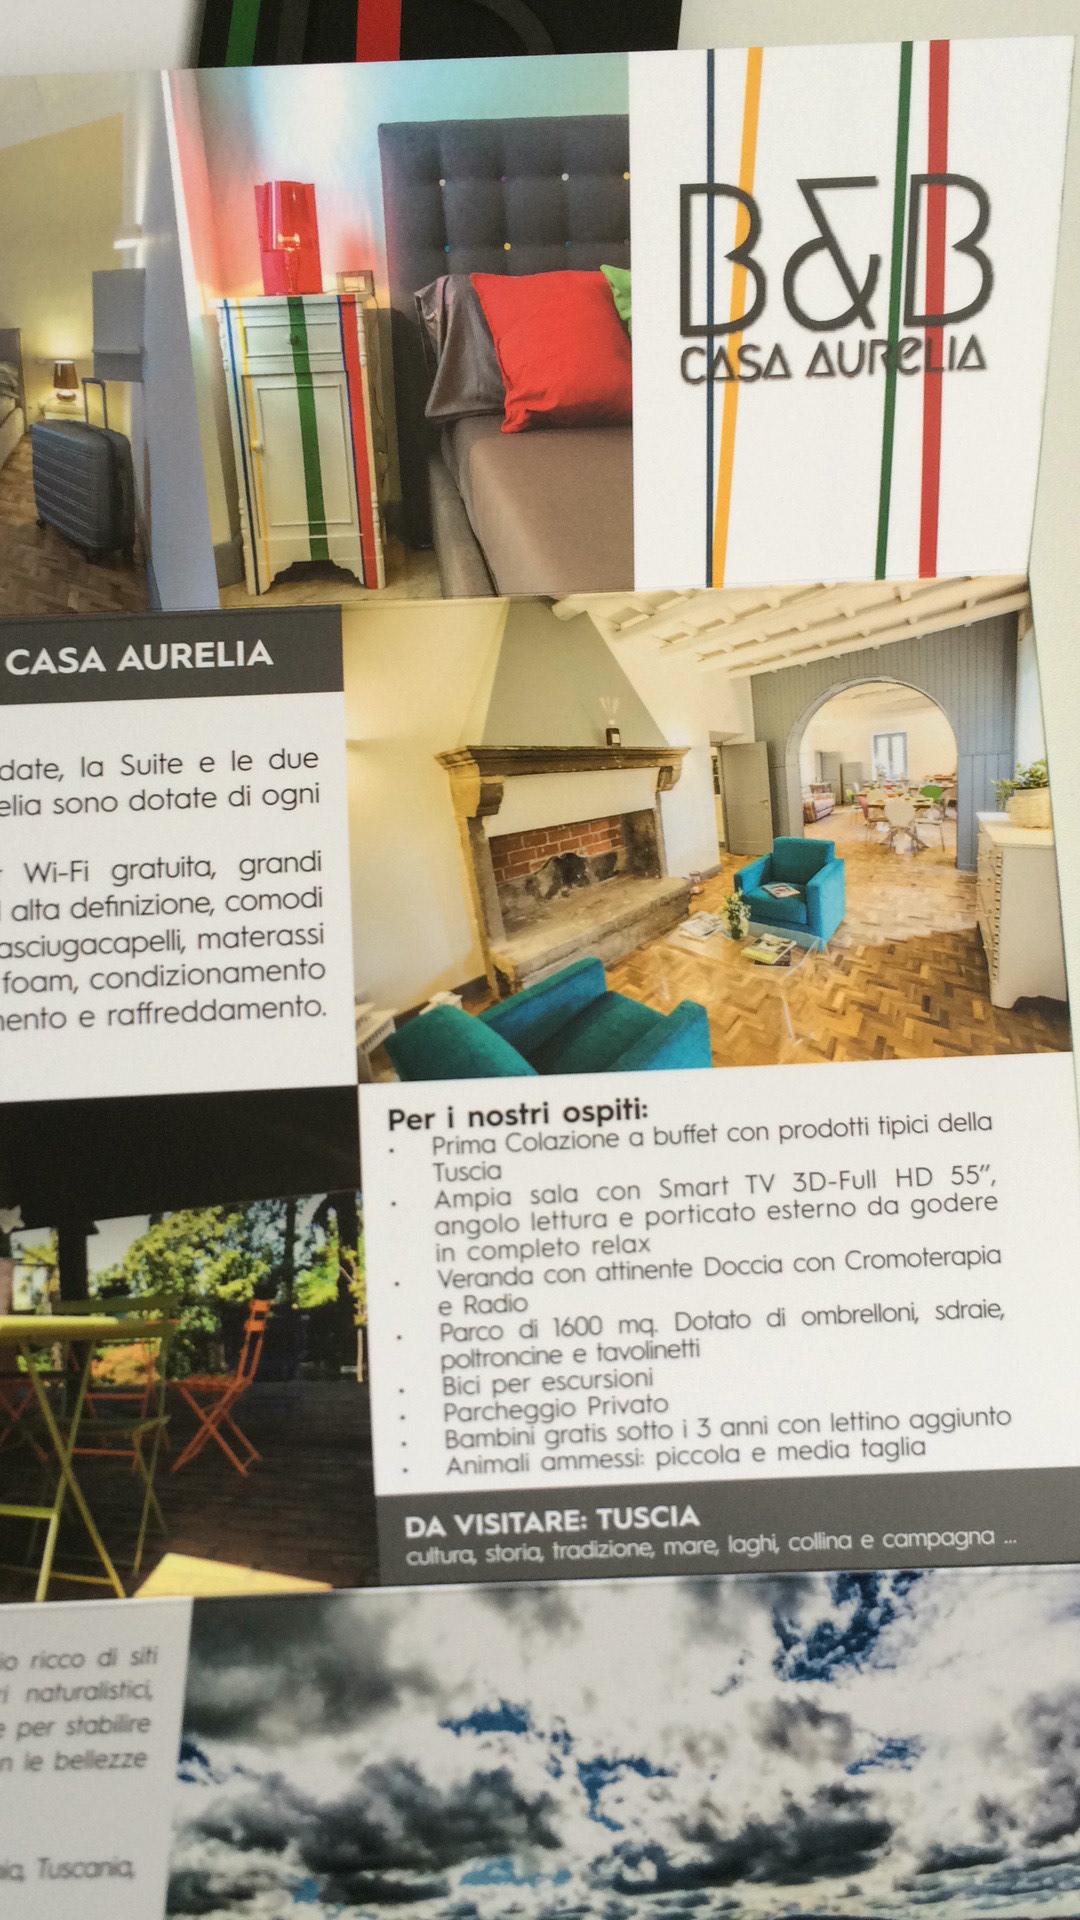 La Veranda Di Campagna b&b casa aurelia on behance